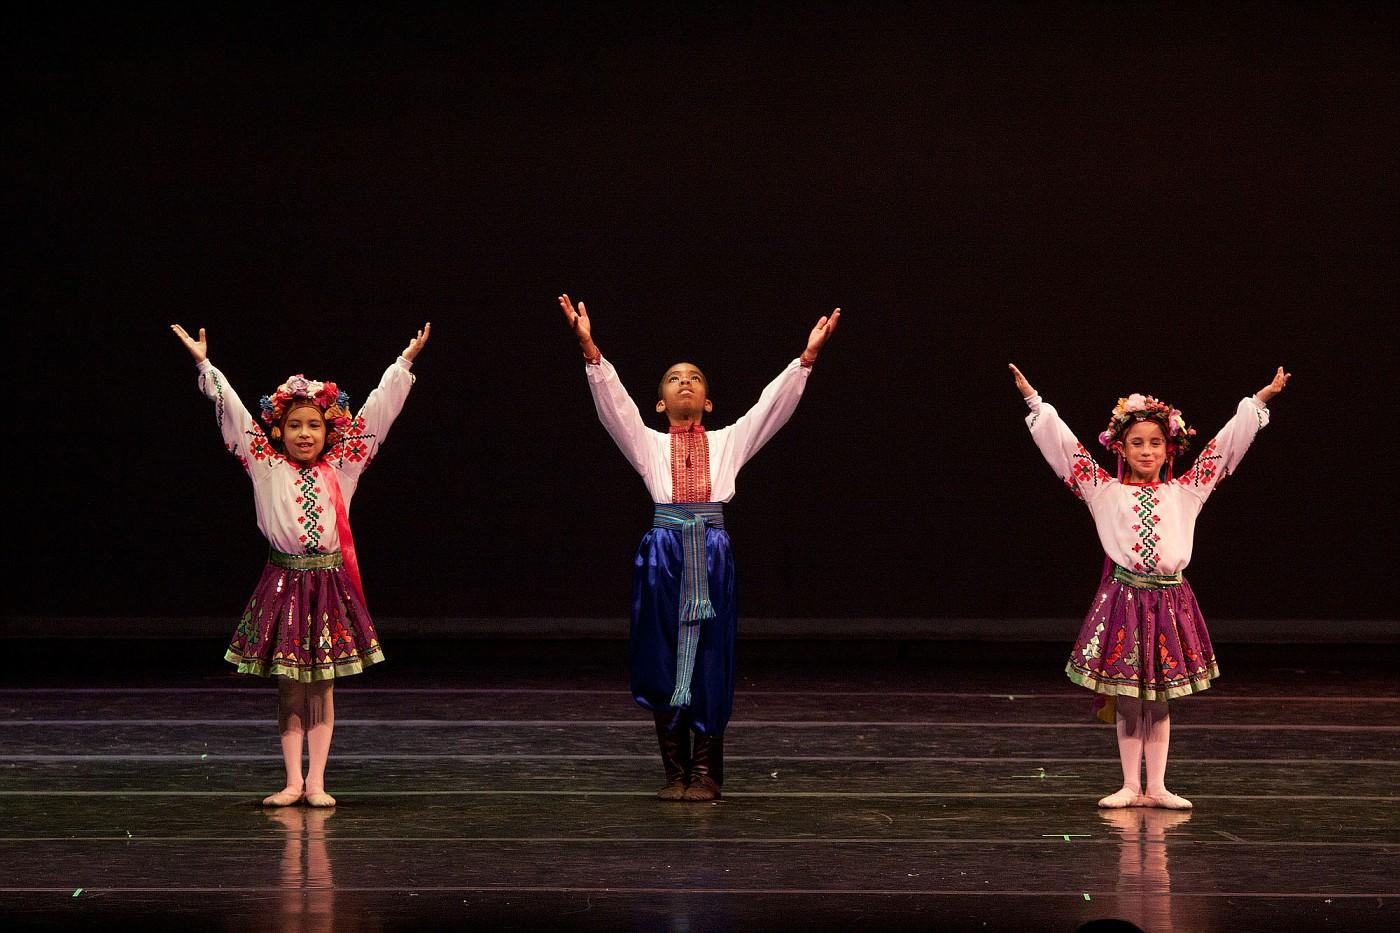 portrait-photography-children-ballet-20100617_0052.jpg